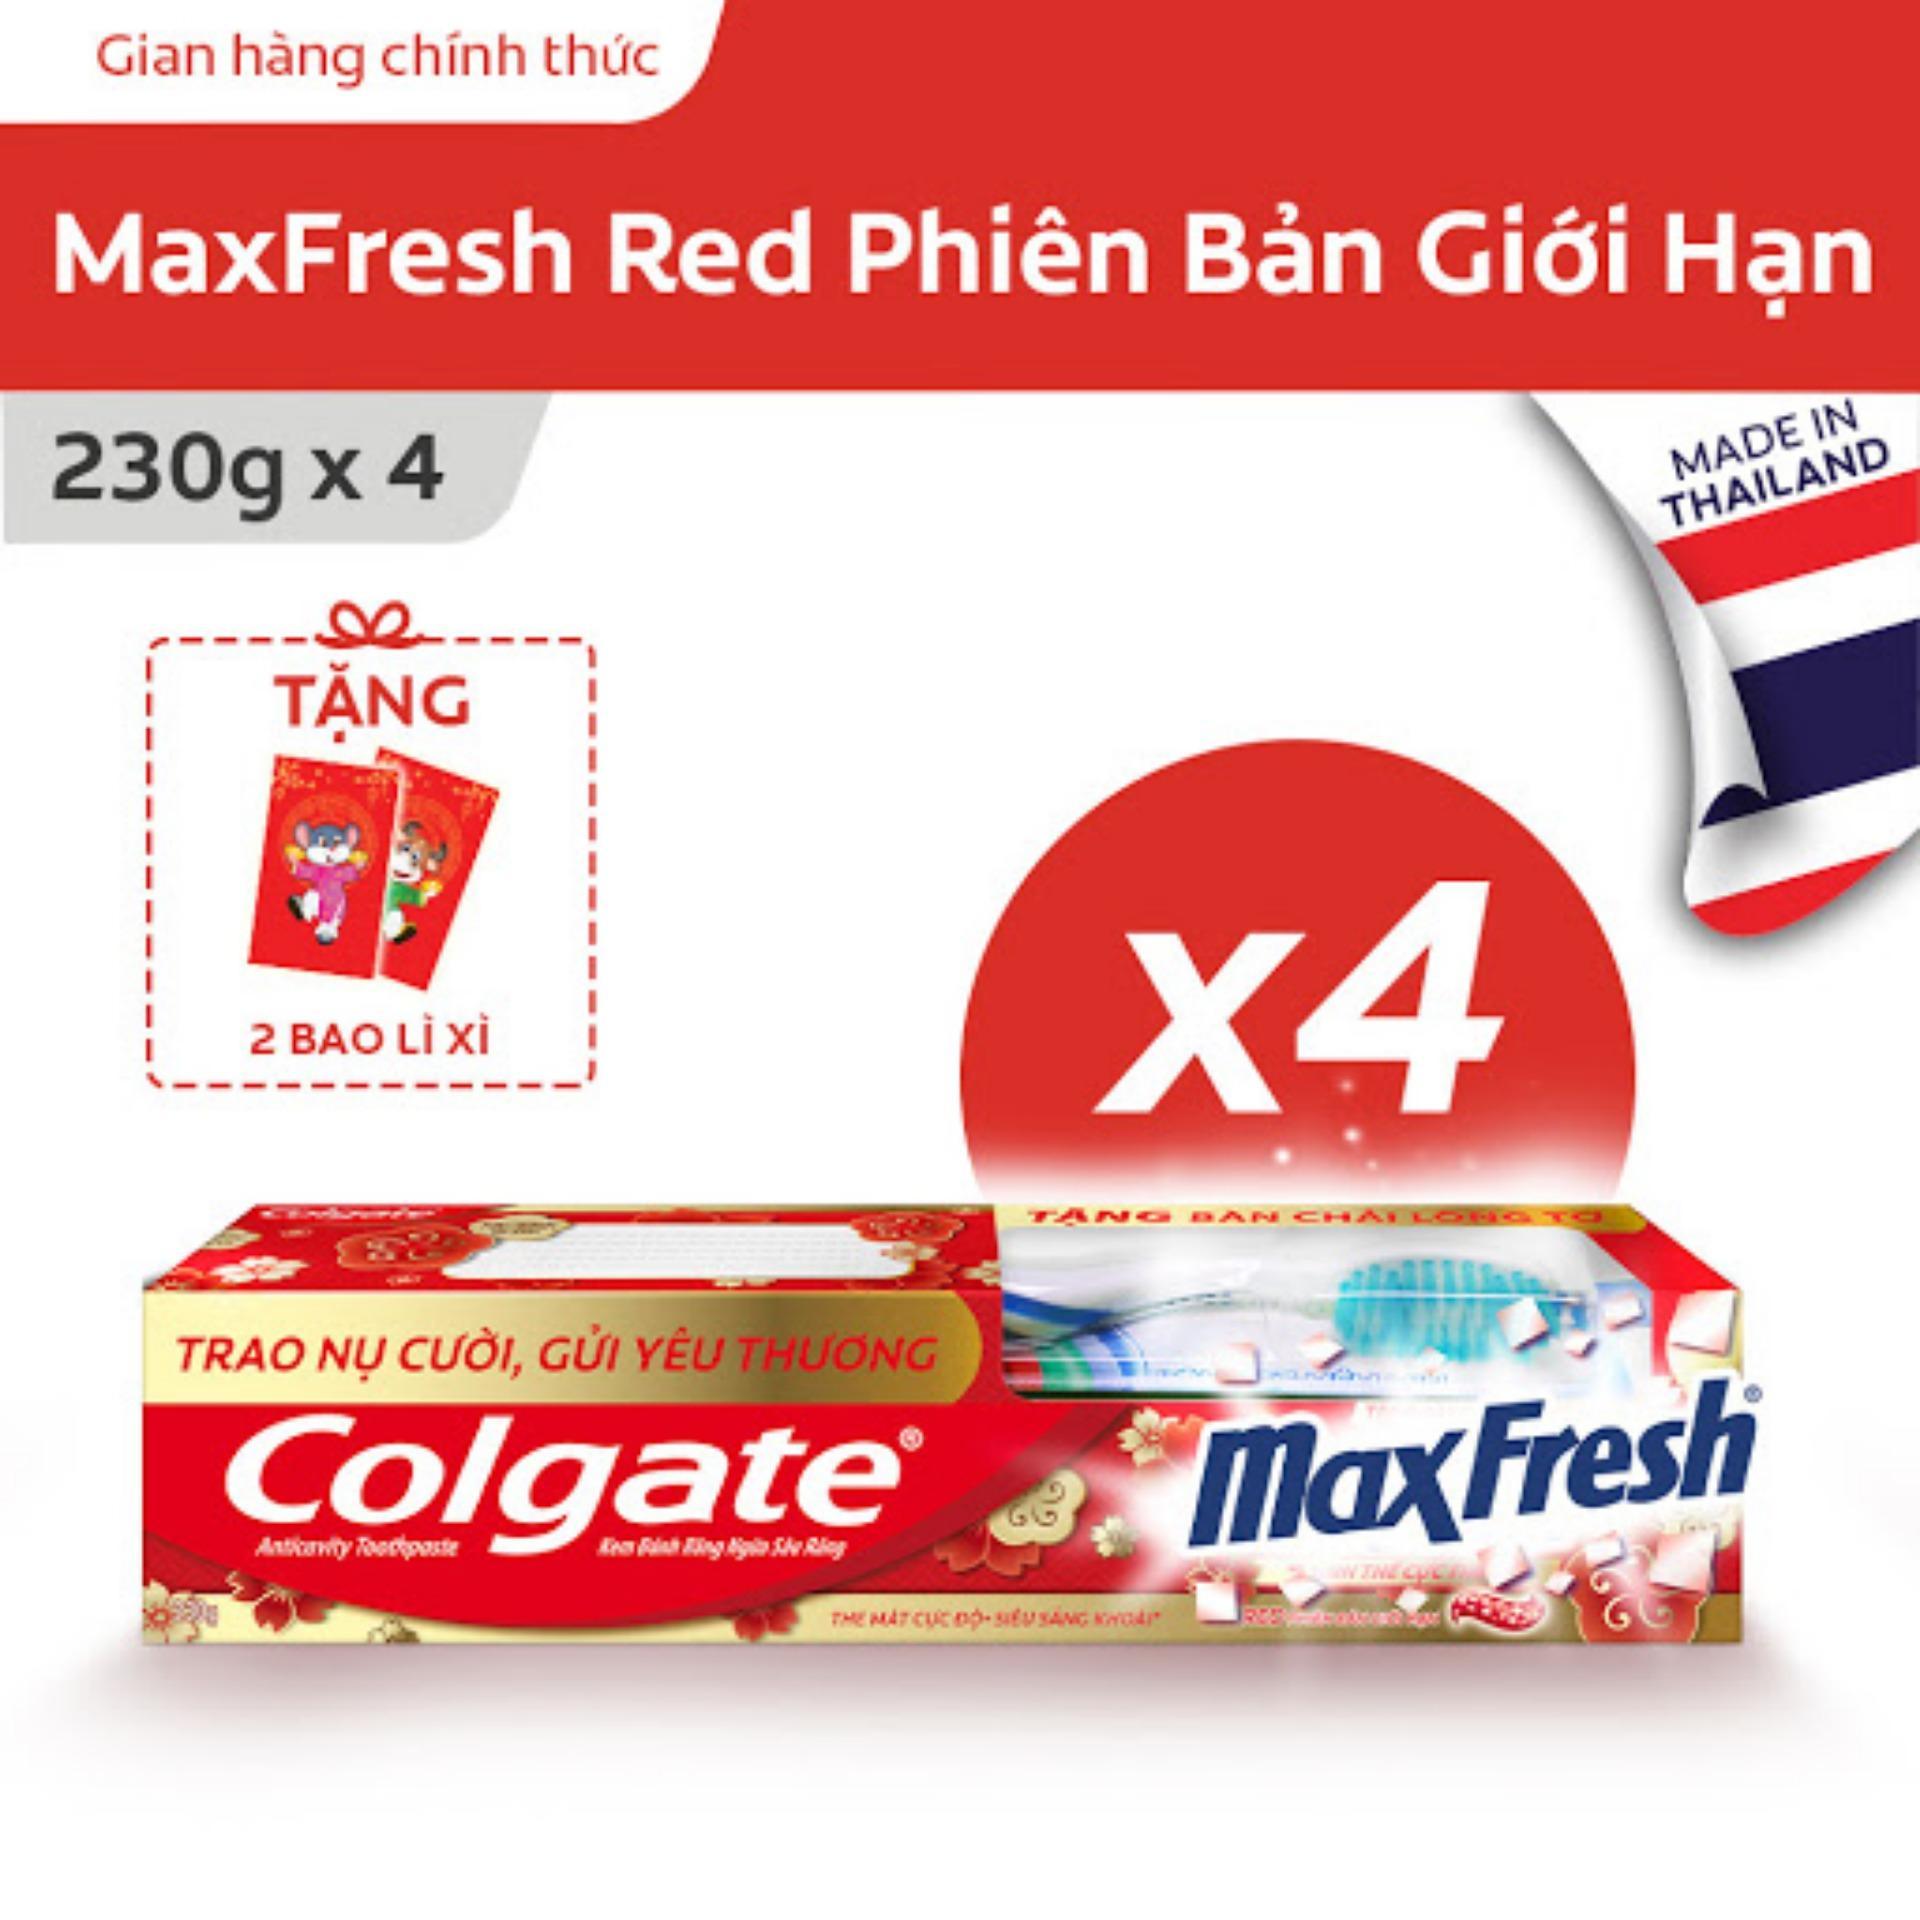 Bộ 4 Kem đánh răng Colgate Maxfresh Đỏ phiên bản giới hạn the mát cực độ 230g/tuýp  tặng bàn chải đánh răng lông tơ mềm mịn Thái Lan